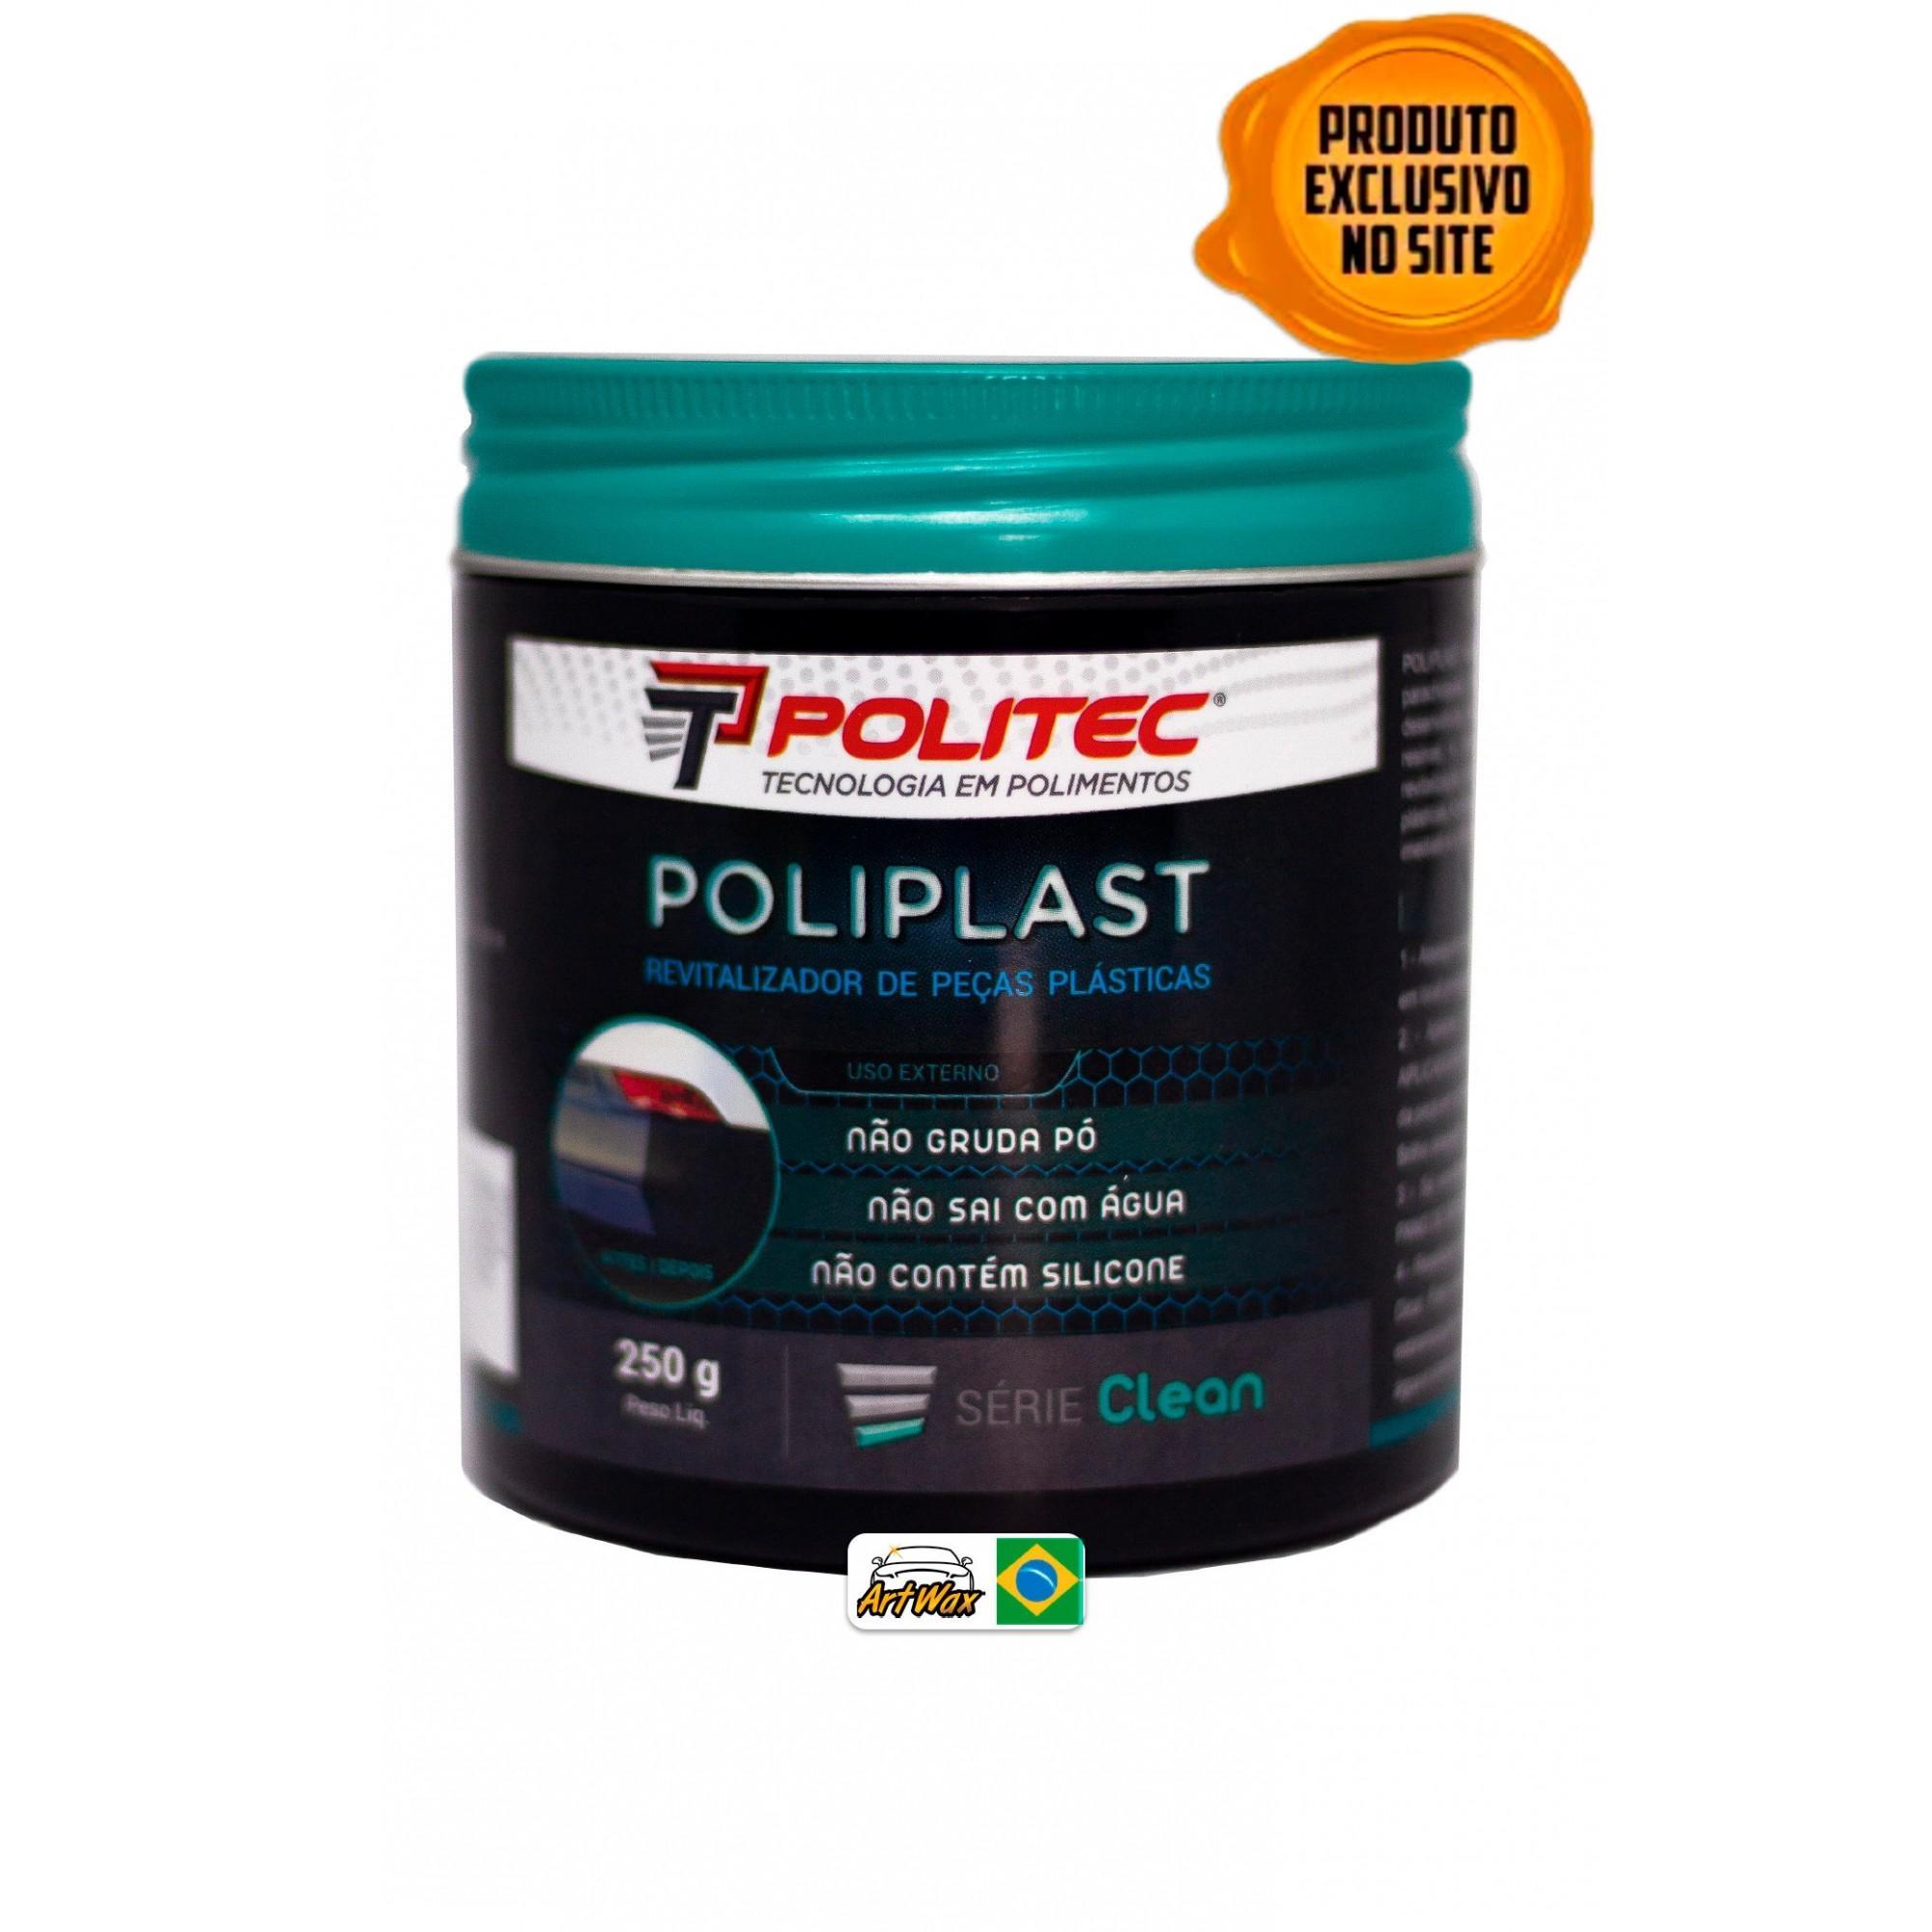 Poliplast 250g - Revitalizador de Peças Plasticas Externas Politec